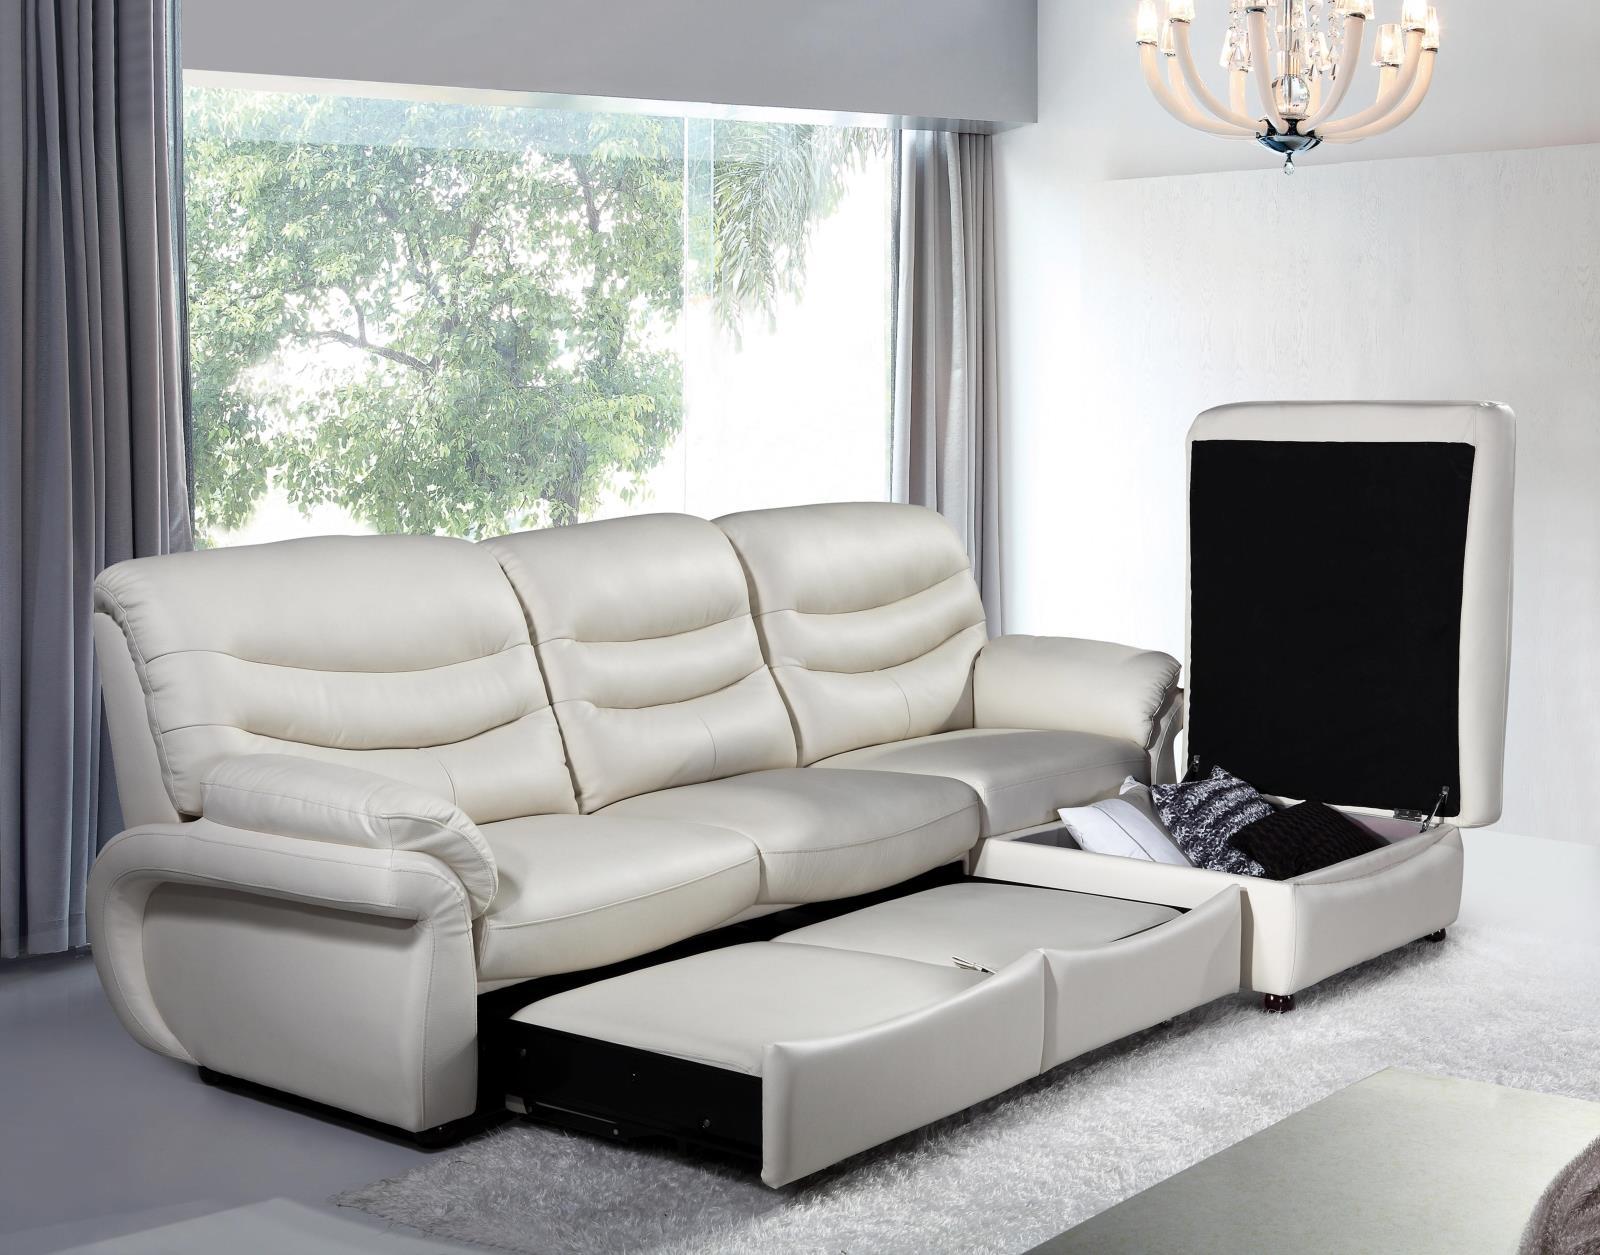 δέρμα δερμάτινο καναπέ κρεβάτι συνοπτική σαλόνι ένταση 3 ξαπλώστρα γωνία πολλαπλών λειτουργιών αποθήκευσης den συνδυασμό διπλής χρήσης